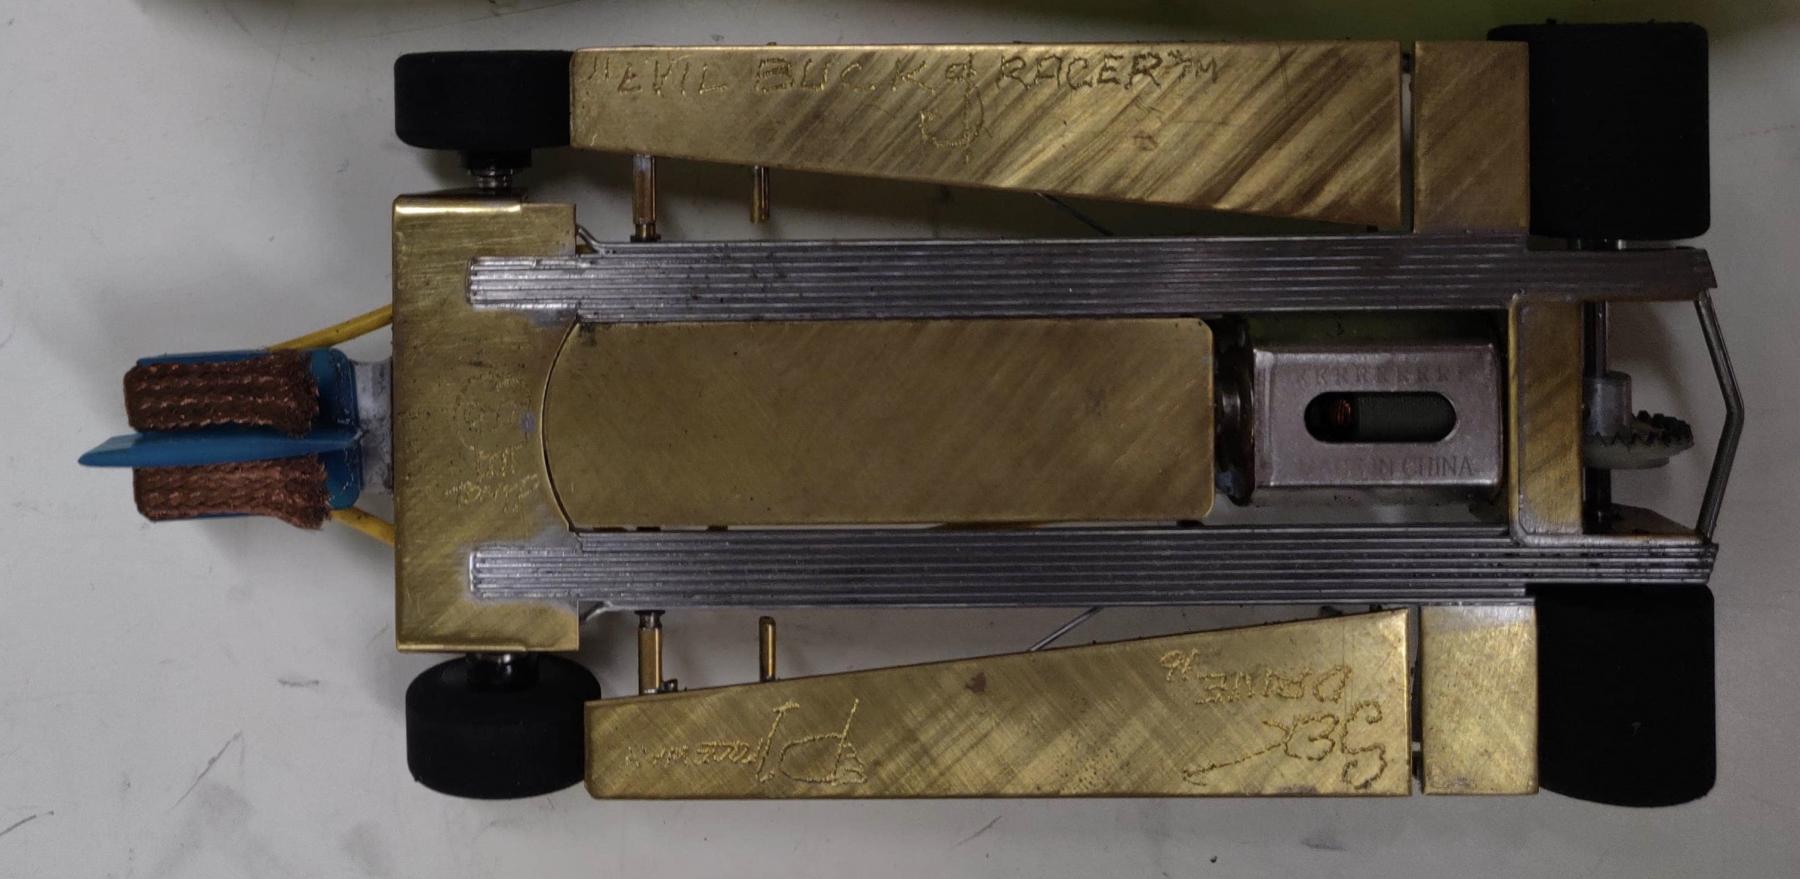 1BD8F0C0-B66F-4AA8-BB07-5A1740D12937.jpeg